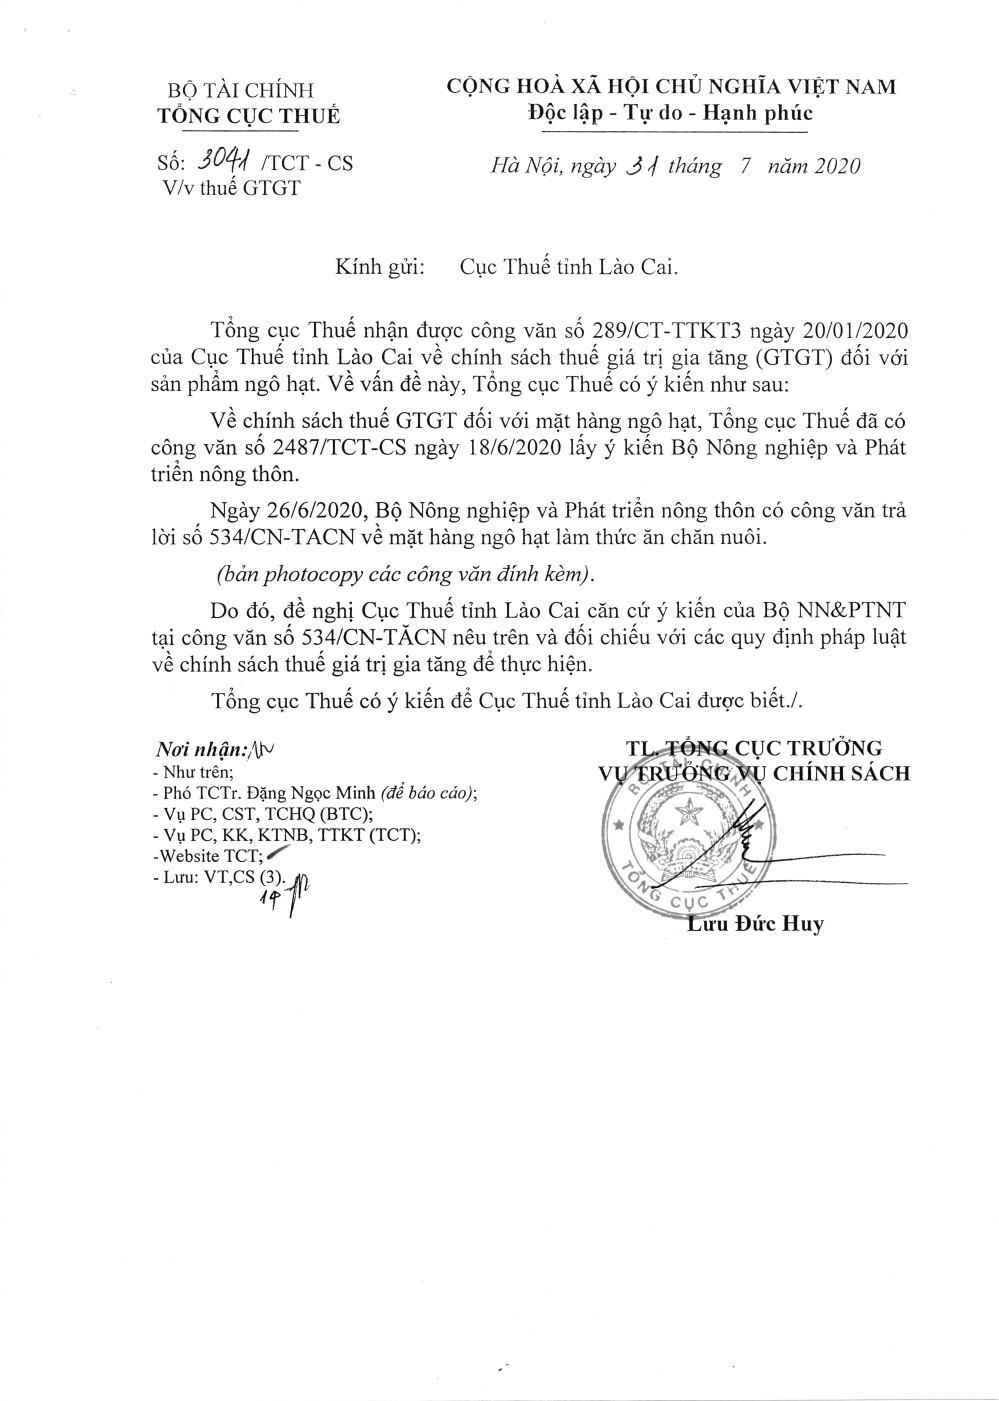 Công văn số 3041/TCT-CS của Tổng cục Thuế ngày 31/07/2020 v/v thuế GTGT